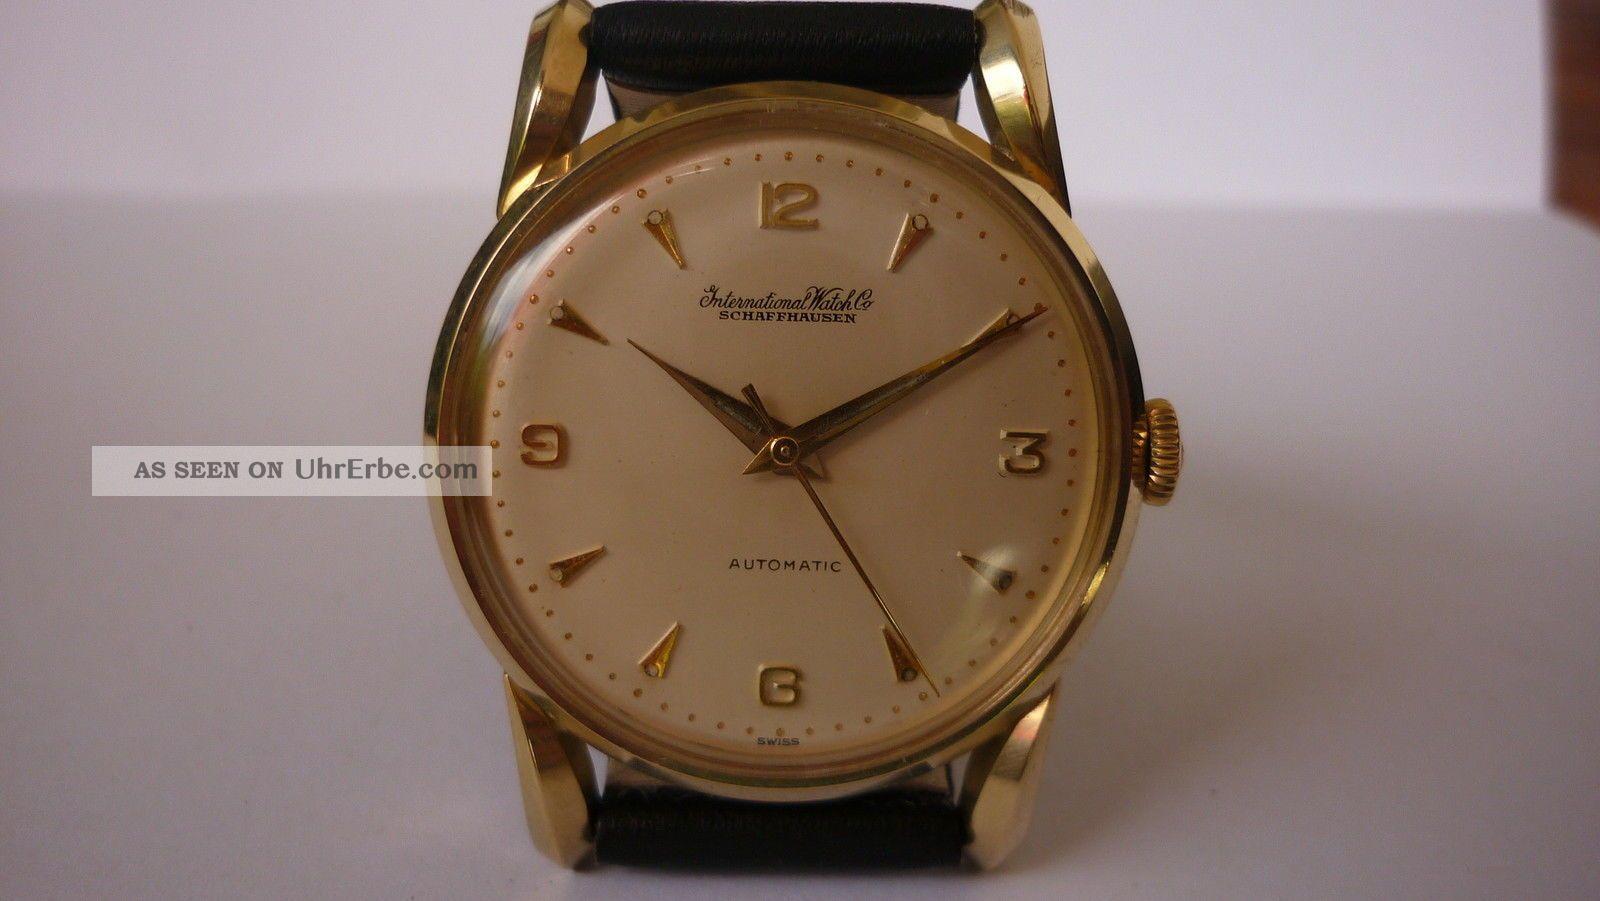 Feine - Iwc - Automatic Herrenuhr 14karat Goldgehäuse Mit Stahlboden Von 1958 Armbanduhren Bild